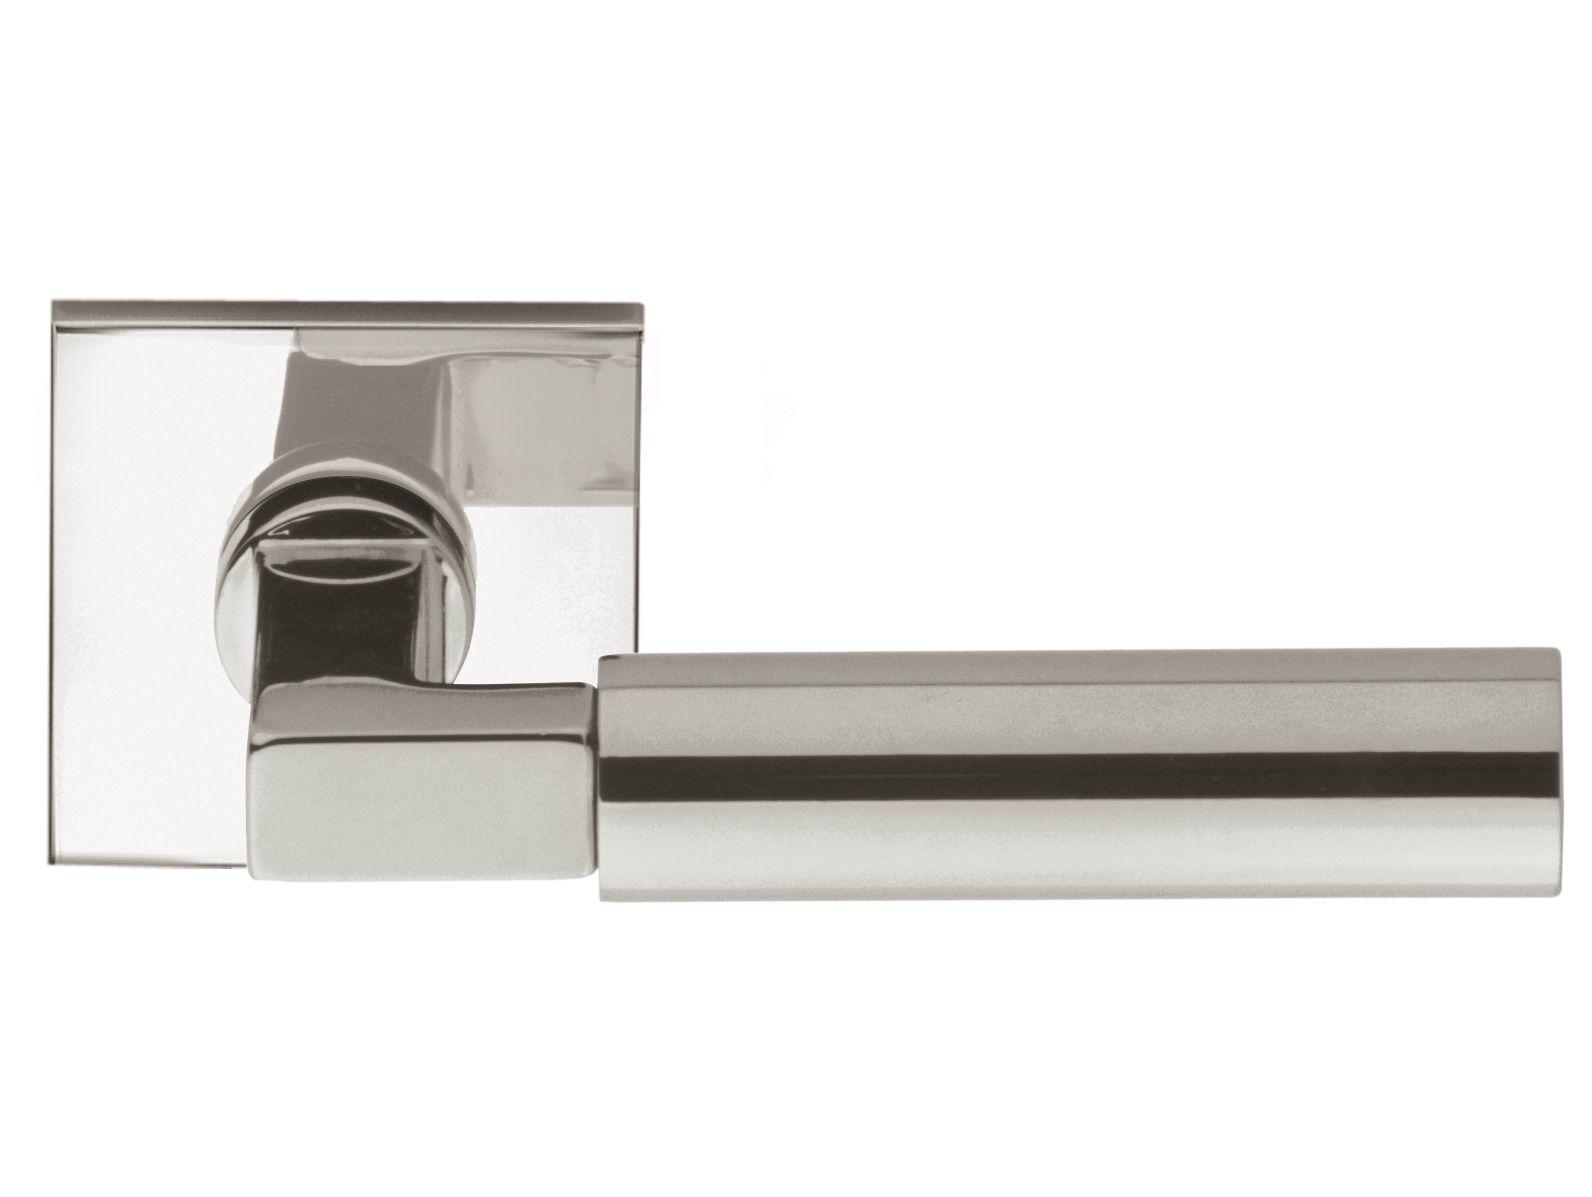 Nickel door handle on rose timeless 1930 timeless series for 1930s door handles